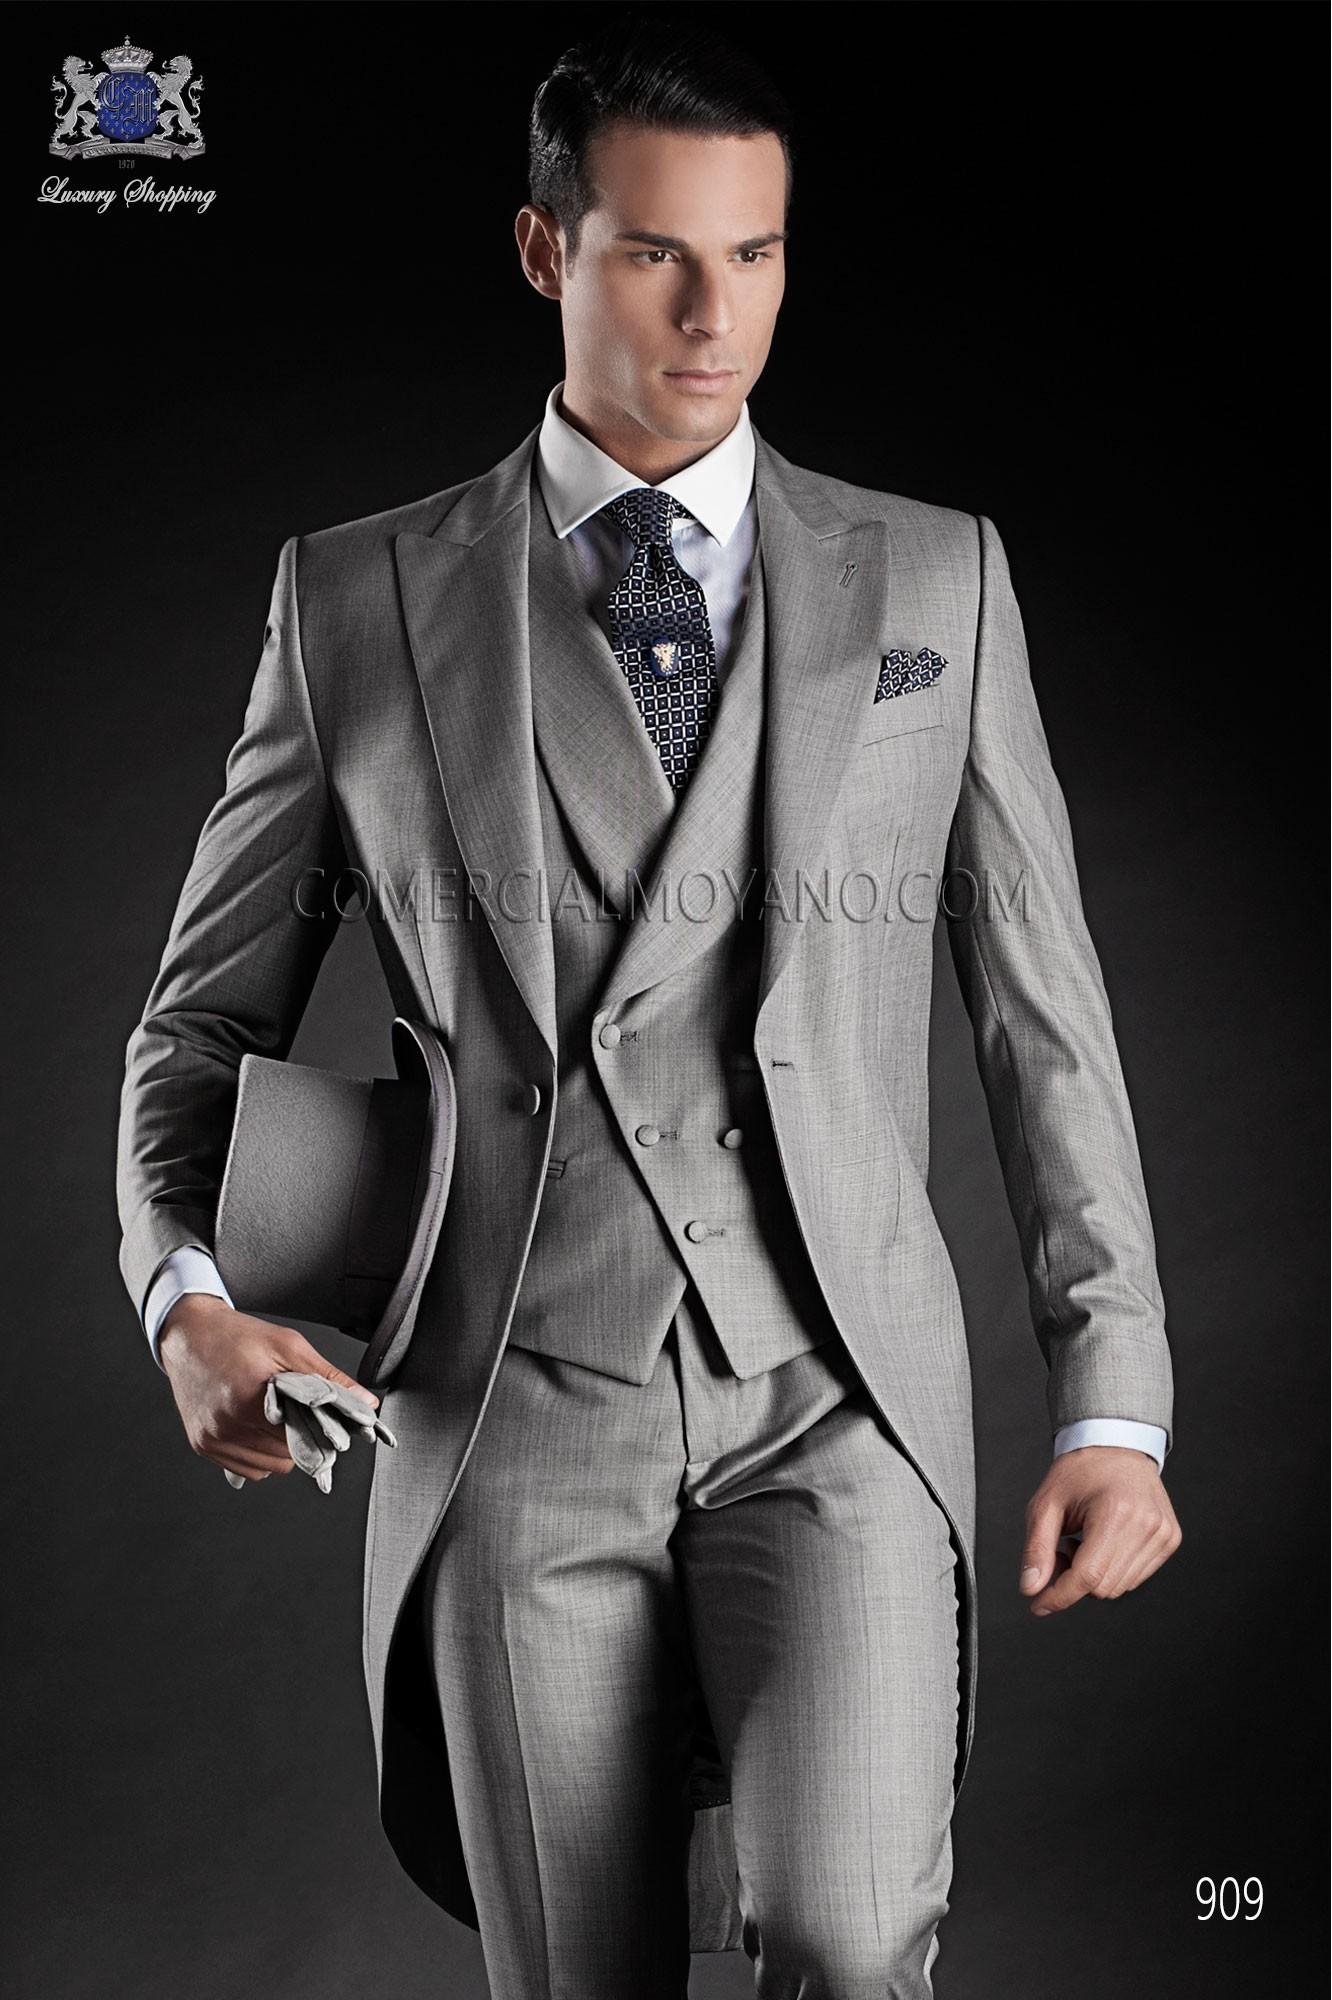 Traje de novio italiano gris modelo: 909 Ottavio Nuccio Gala colección Gentleman